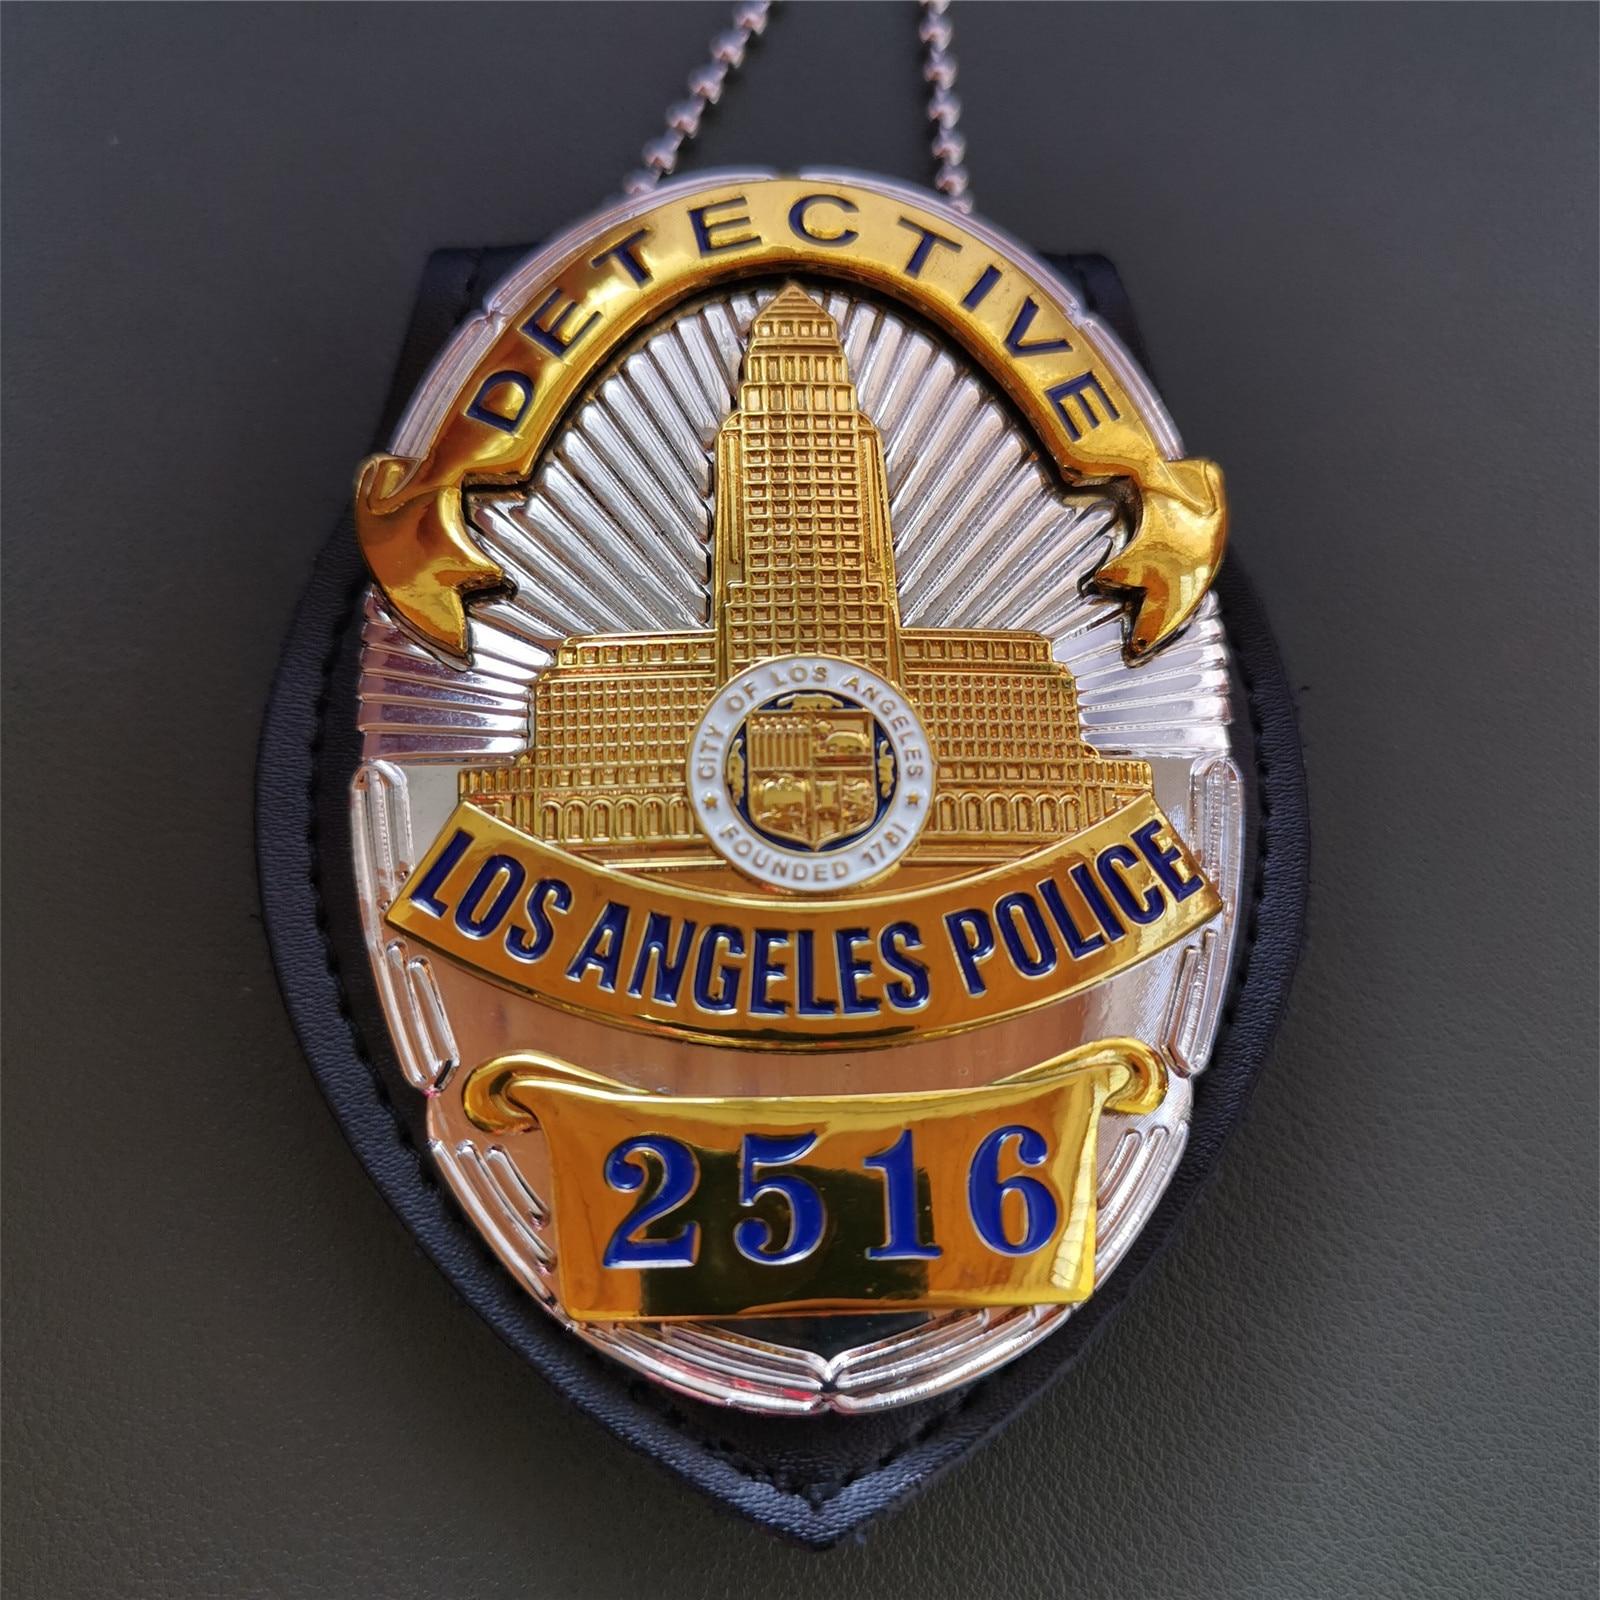 placa-de-la-policia-de-los-Angeles-numero-2516-combinacion-de-estructura-1-1